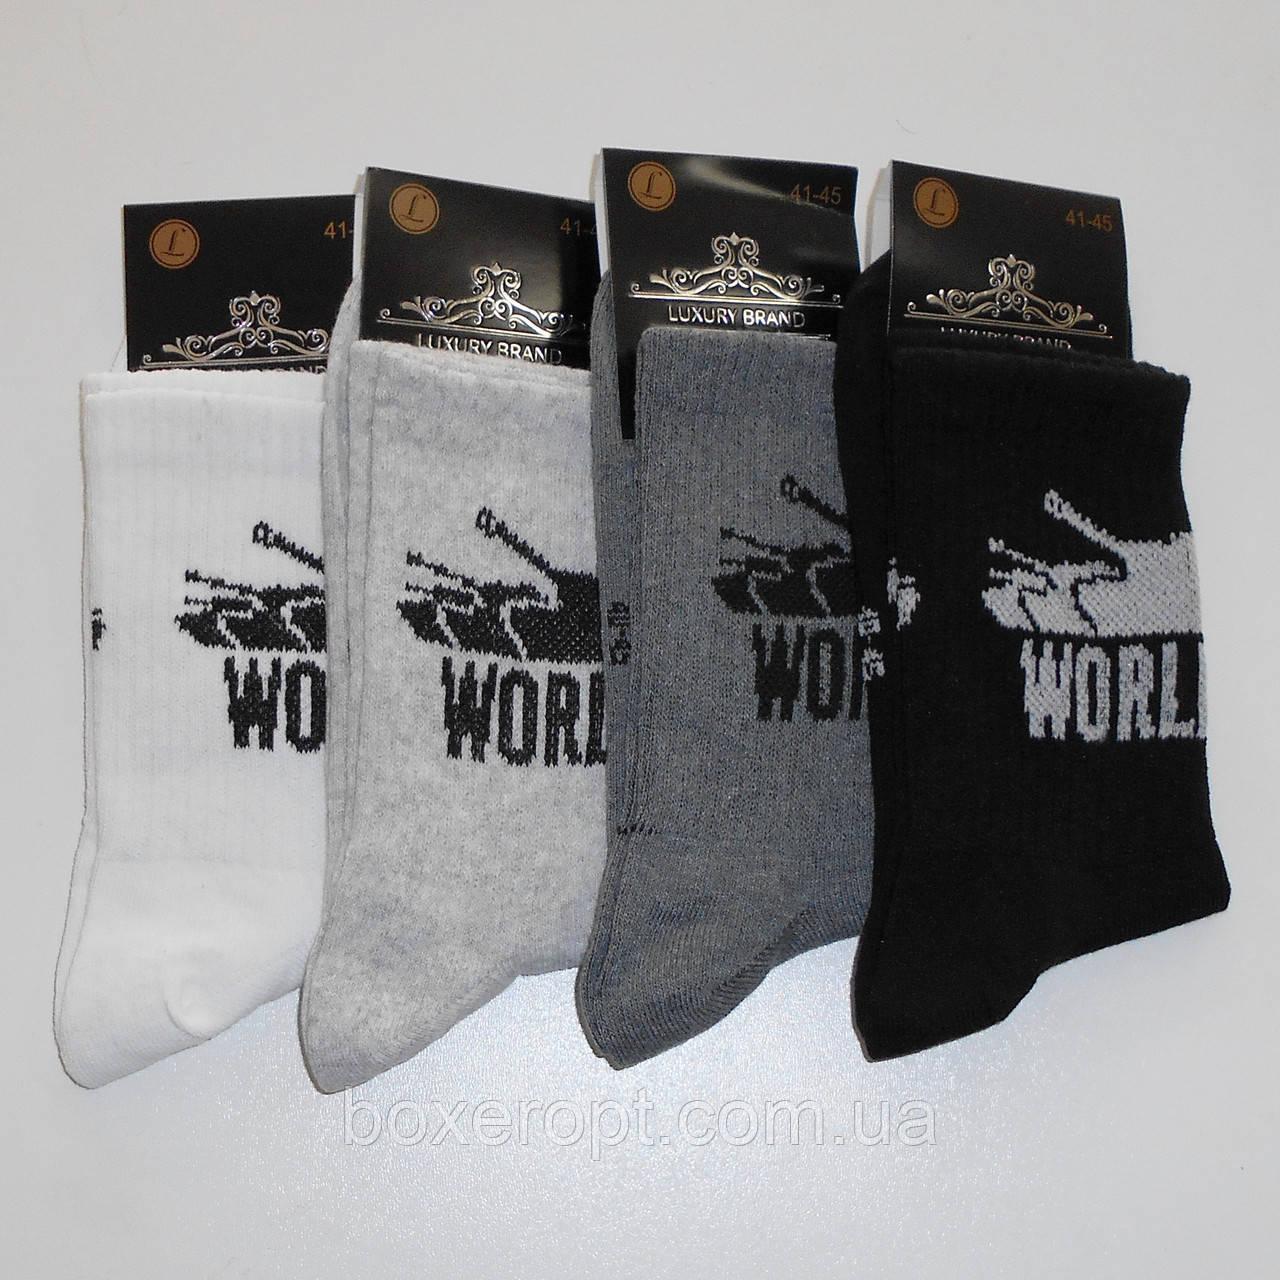 Мужские носки с приколами Luxury - 10.00 грн./пара (WOT)